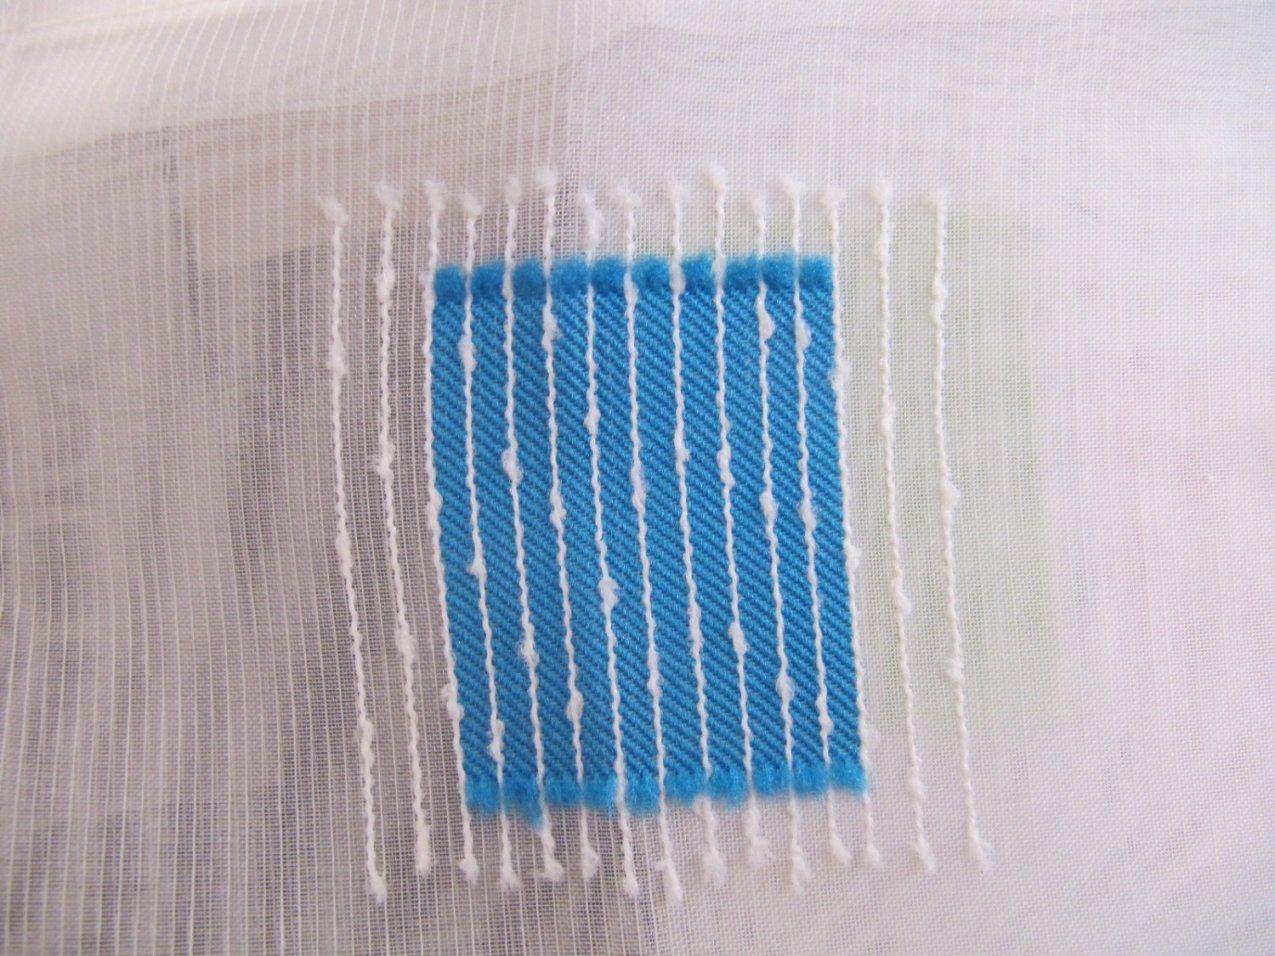 Gitterartiges Gewebe Für Vorhänge Kreuzworträtsel – Zuhause Image Idee von Gitterartiges Gewebe Für Vorhänge Photo